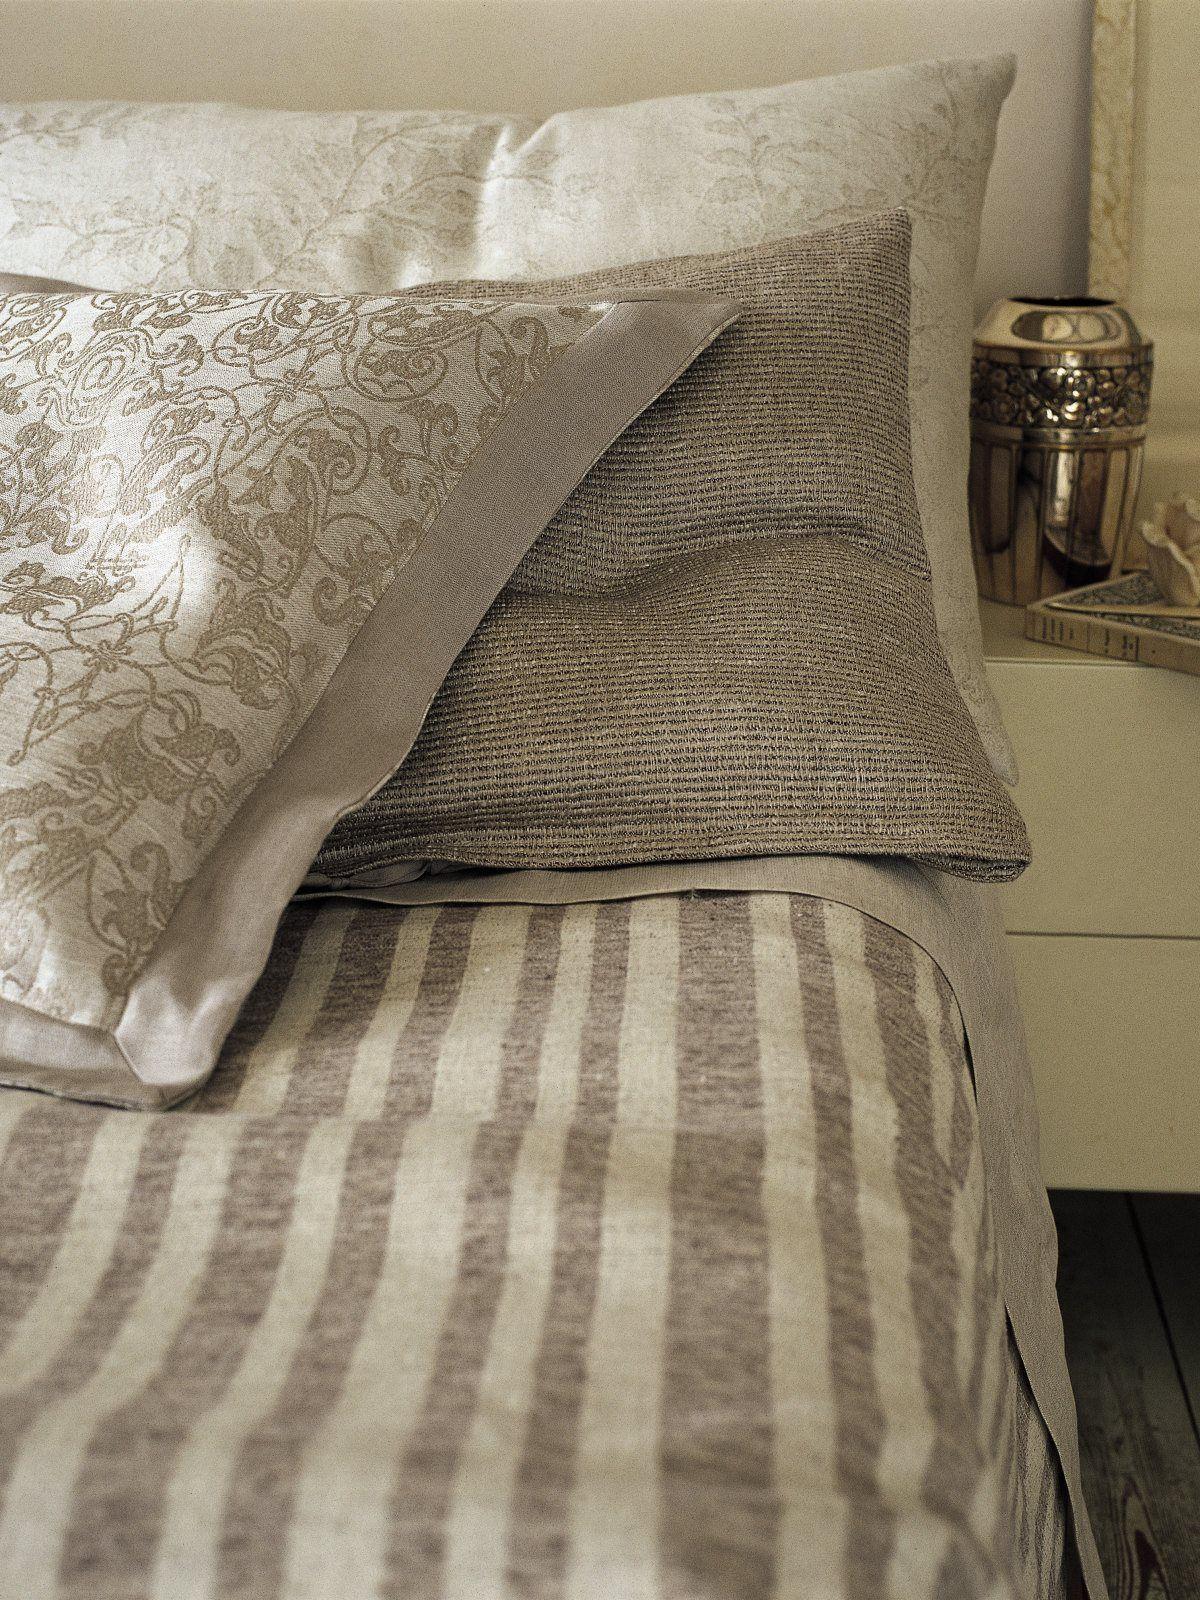 edle bettw sche aus halbleinen von leitner linenproject frankfurt am main. Black Bedroom Furniture Sets. Home Design Ideas